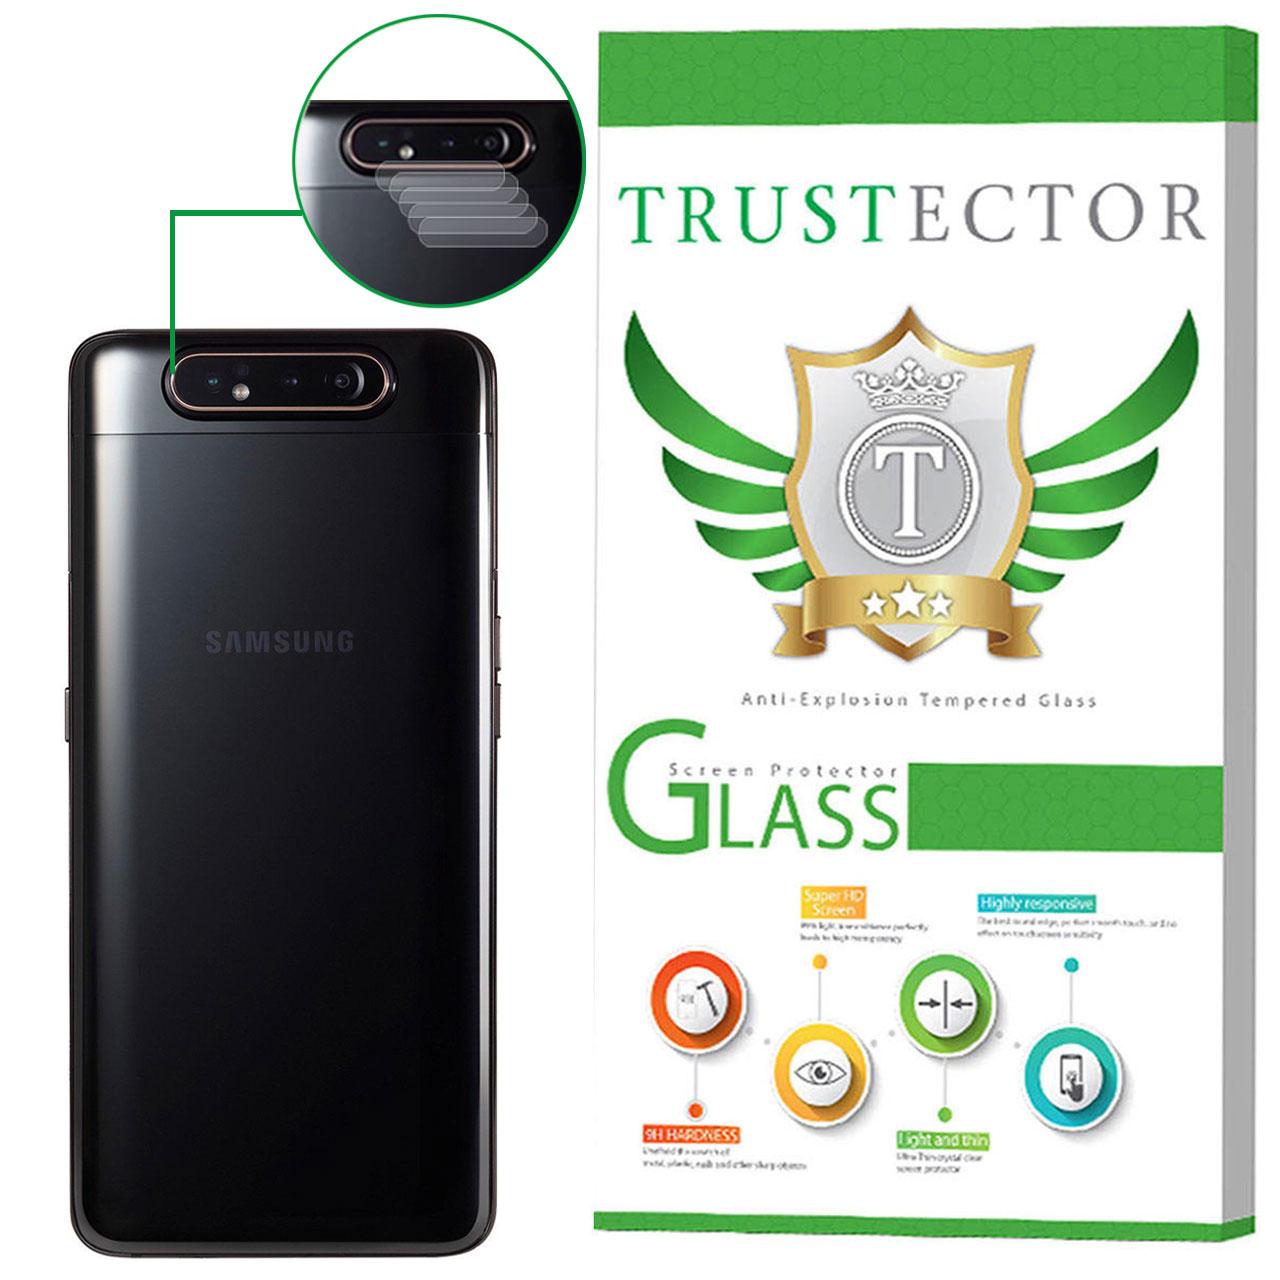 محافظ لنز دوربین تراستکتور مدل CLP مناسب برای گوشی موبایل سامسونگ Galaxy A80 بسته 5 عددی